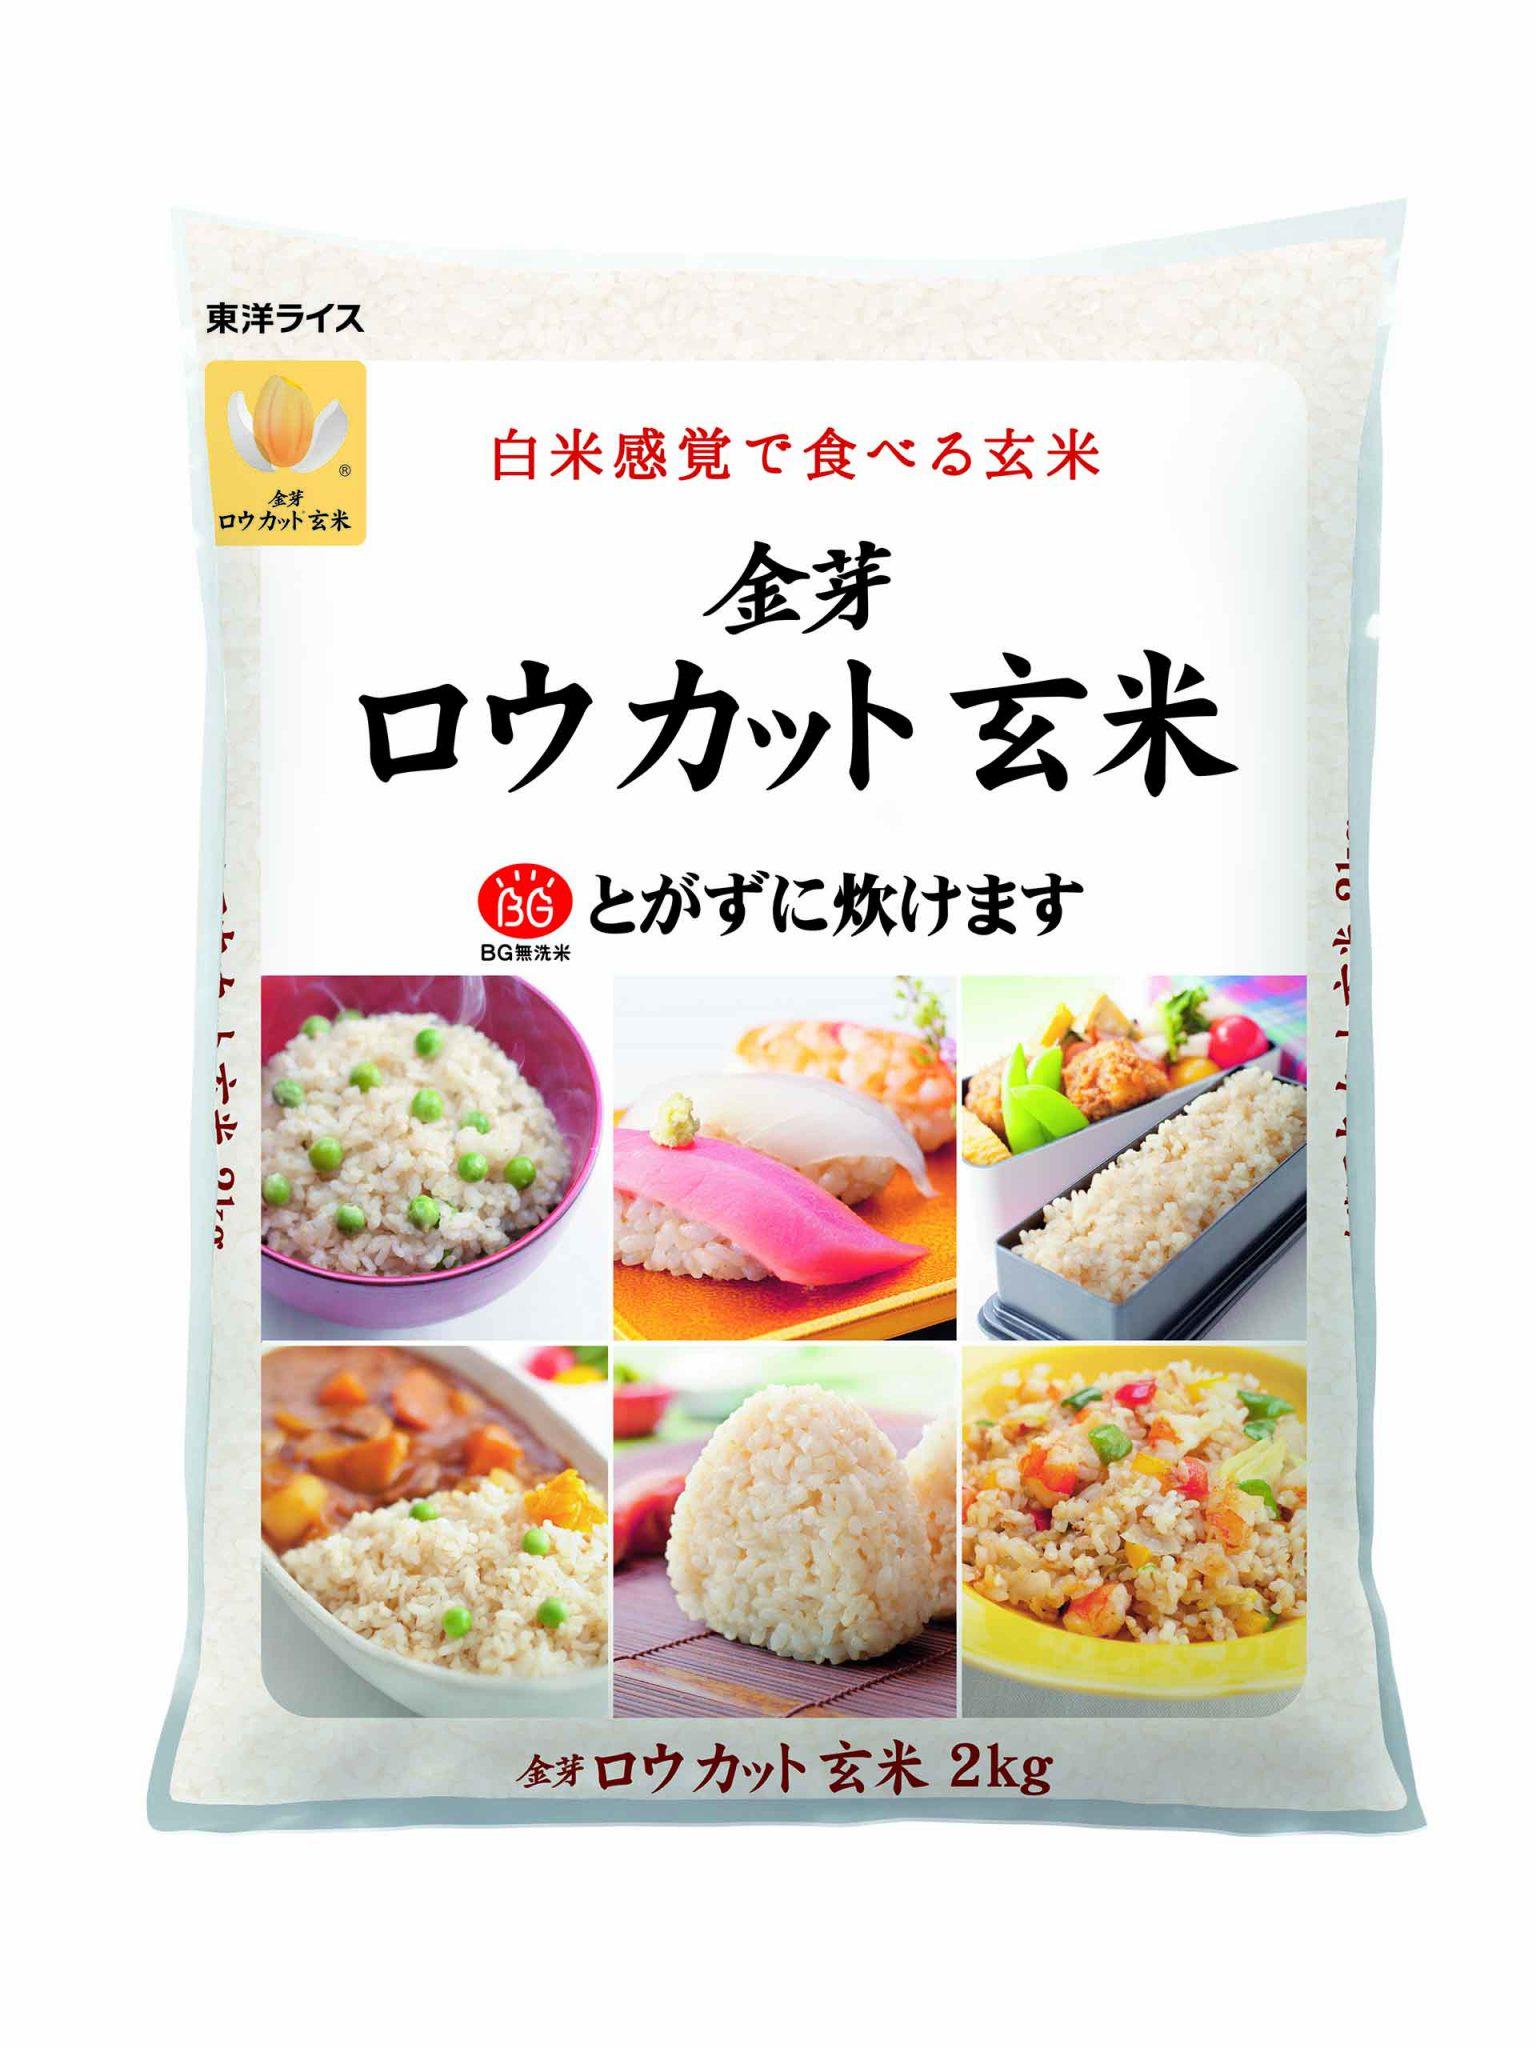 メディシェフ認定・金芽米の健康効果が実証されました